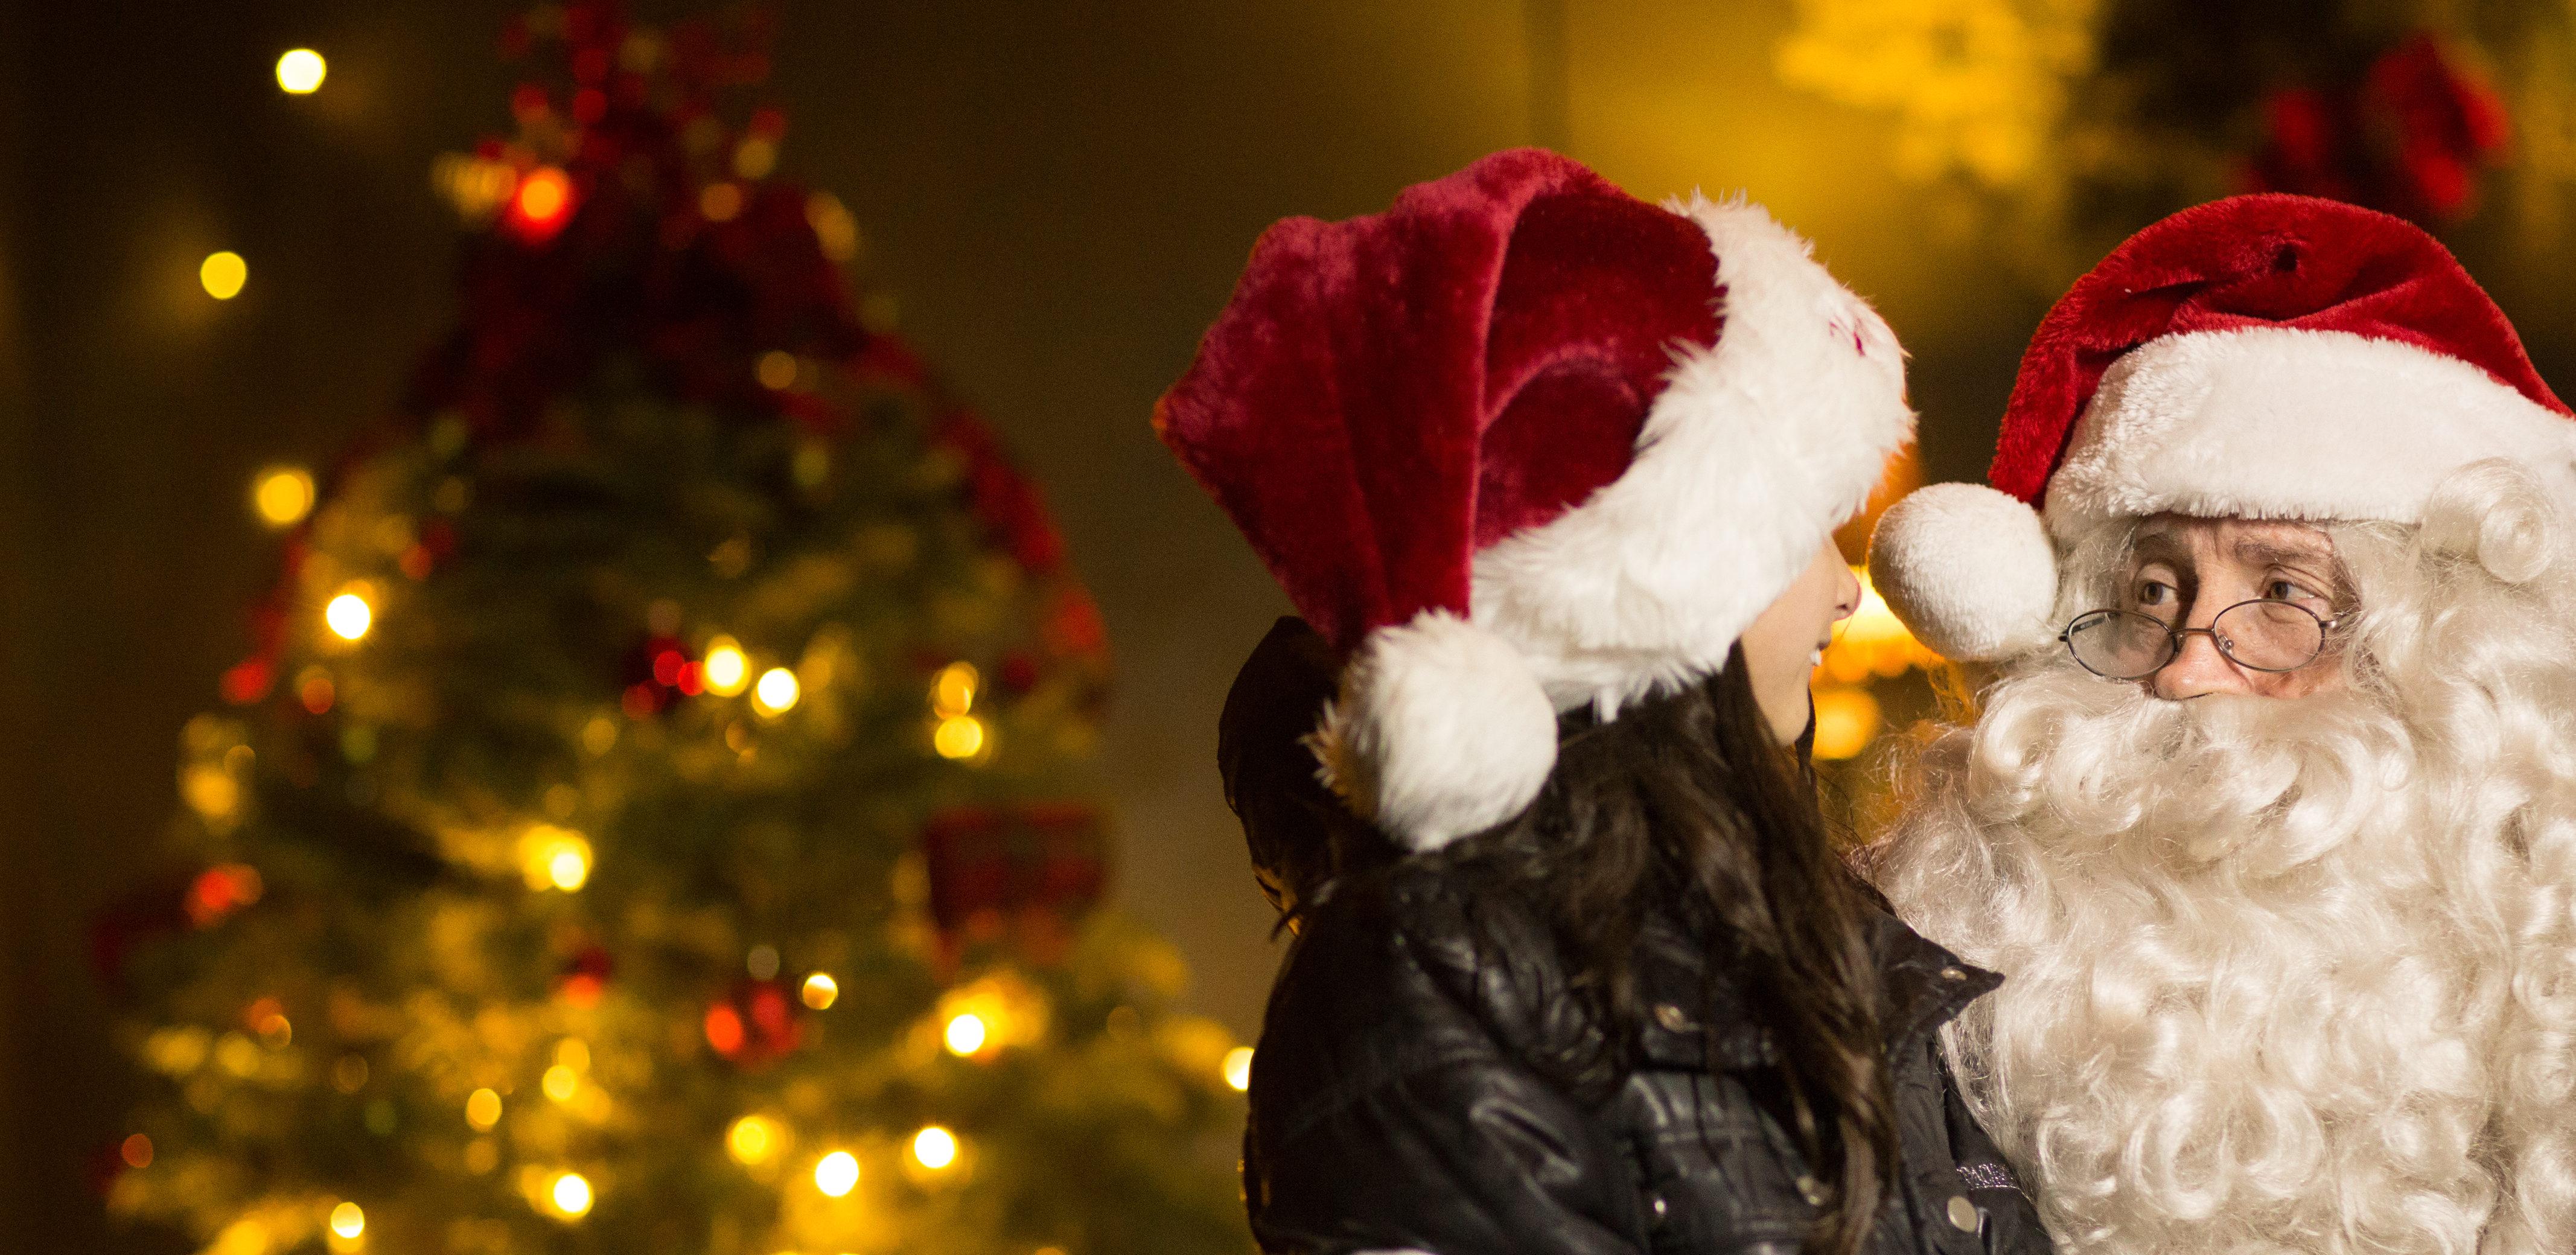 kid with santa holiday